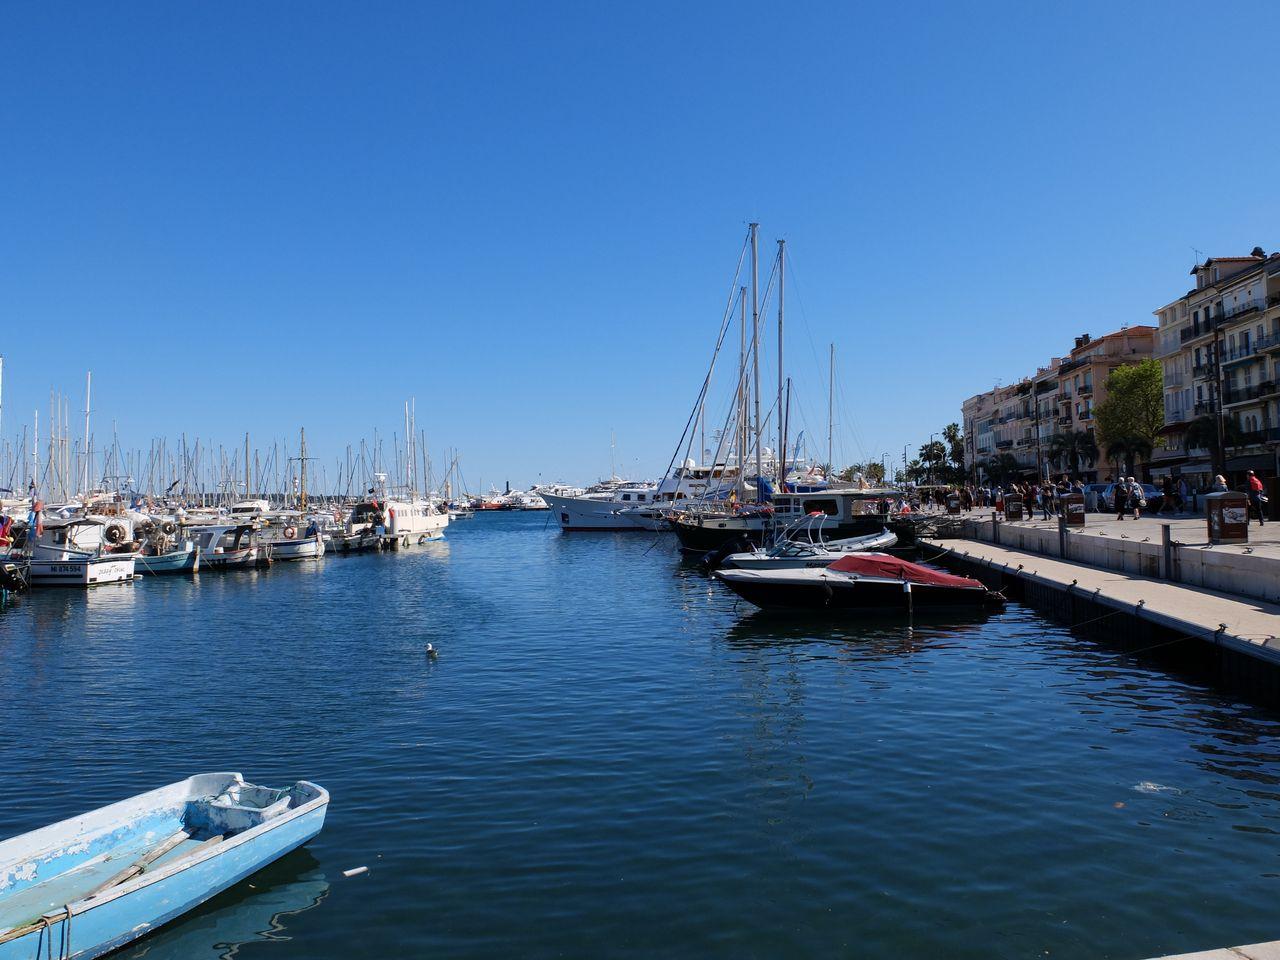 Der alte Hafen in Cannes